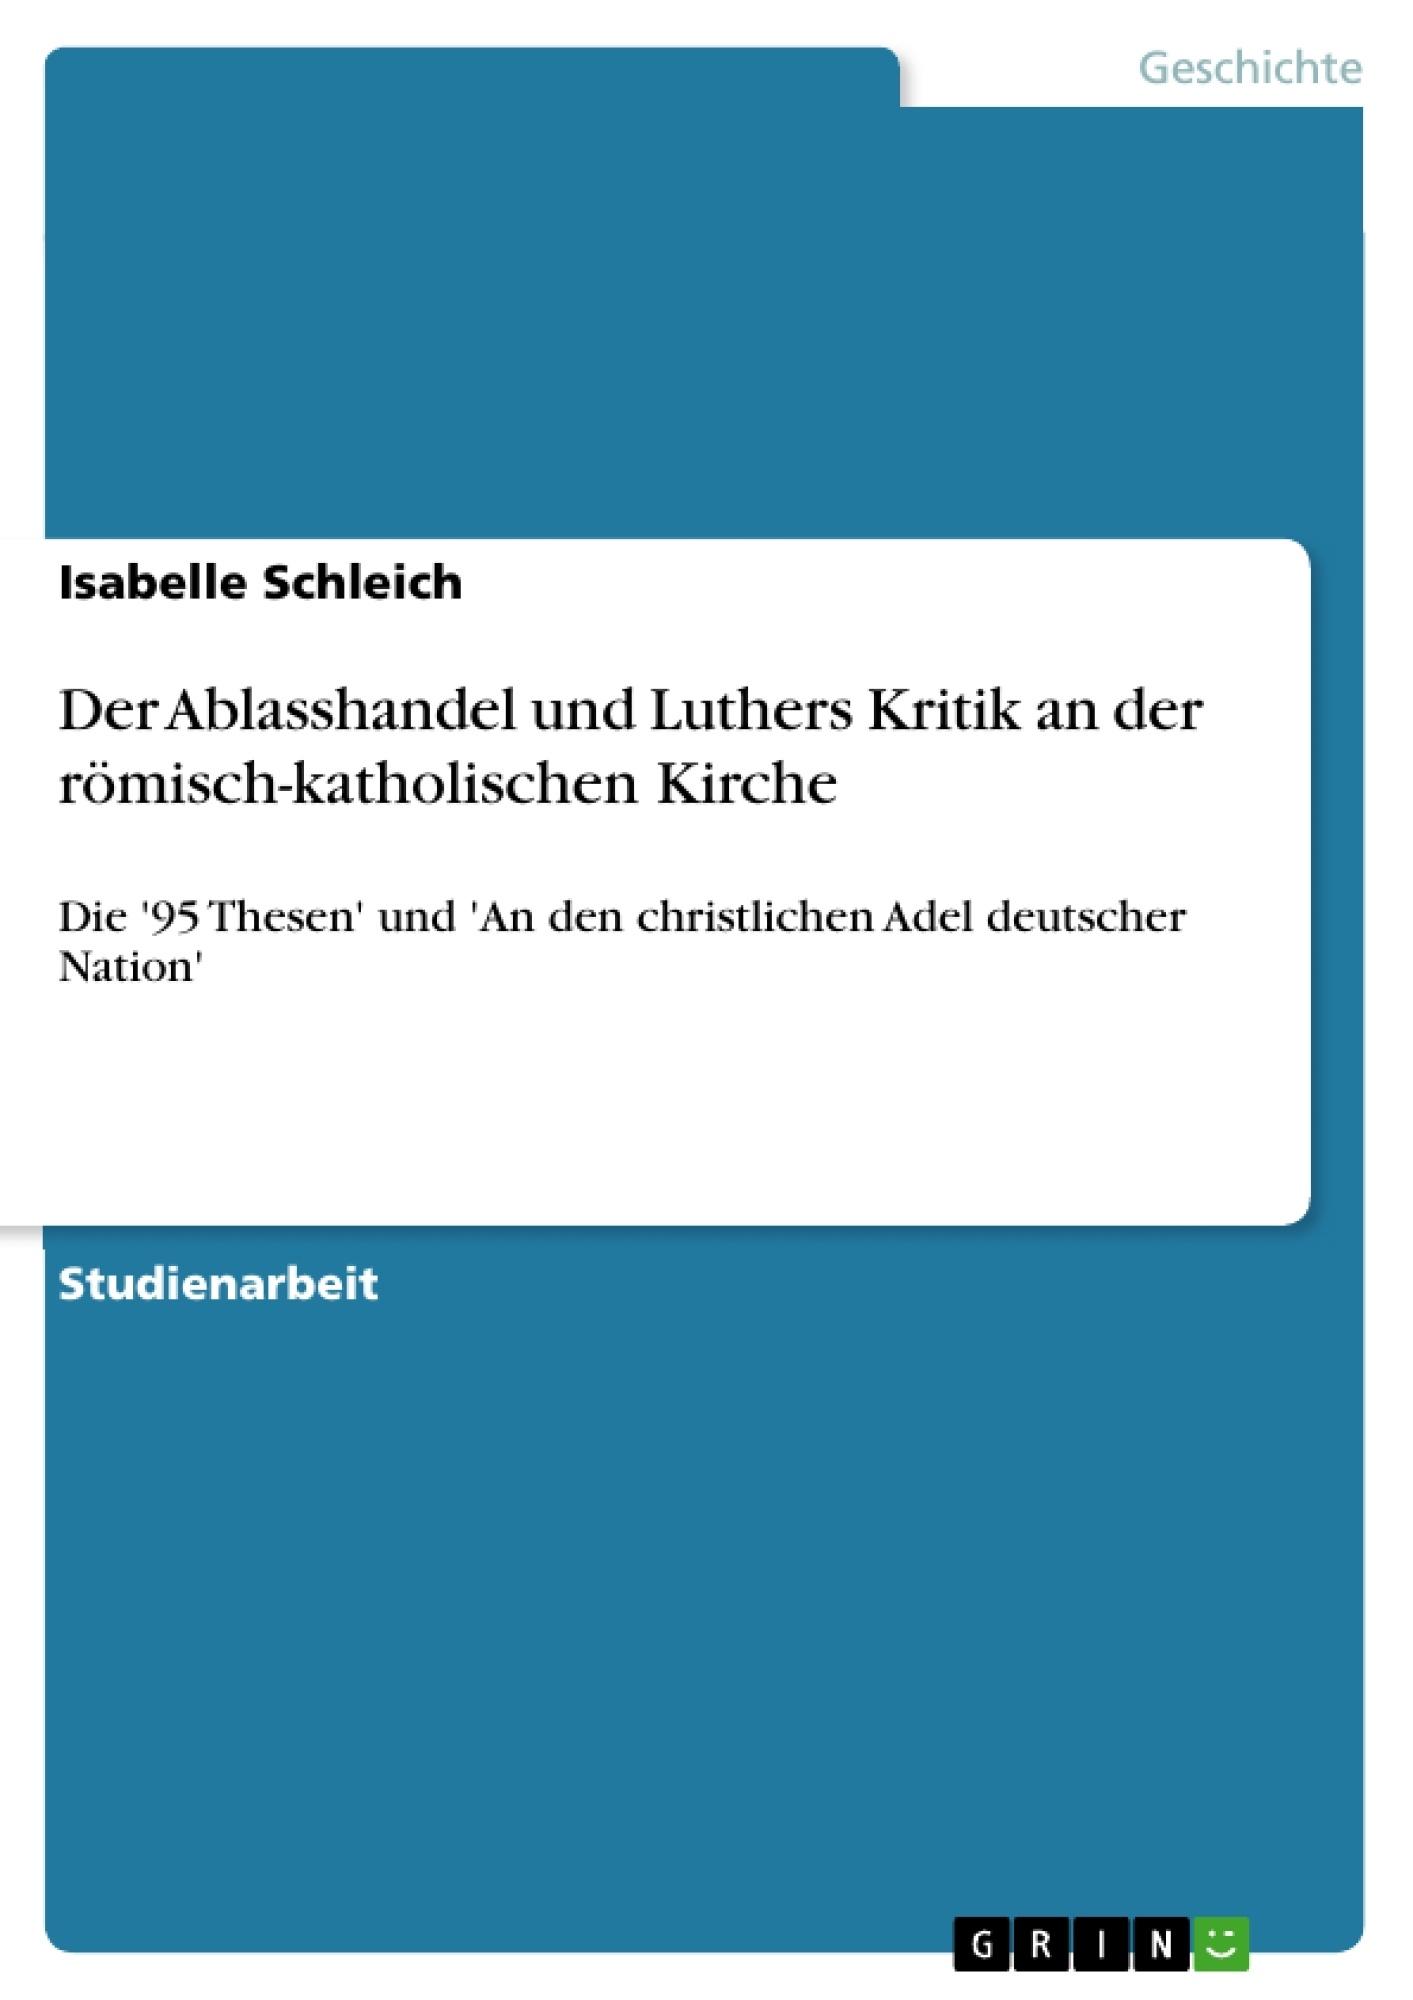 Titel: Der Ablasshandel und Luthers Kritik an der römisch-katholischen Kirche